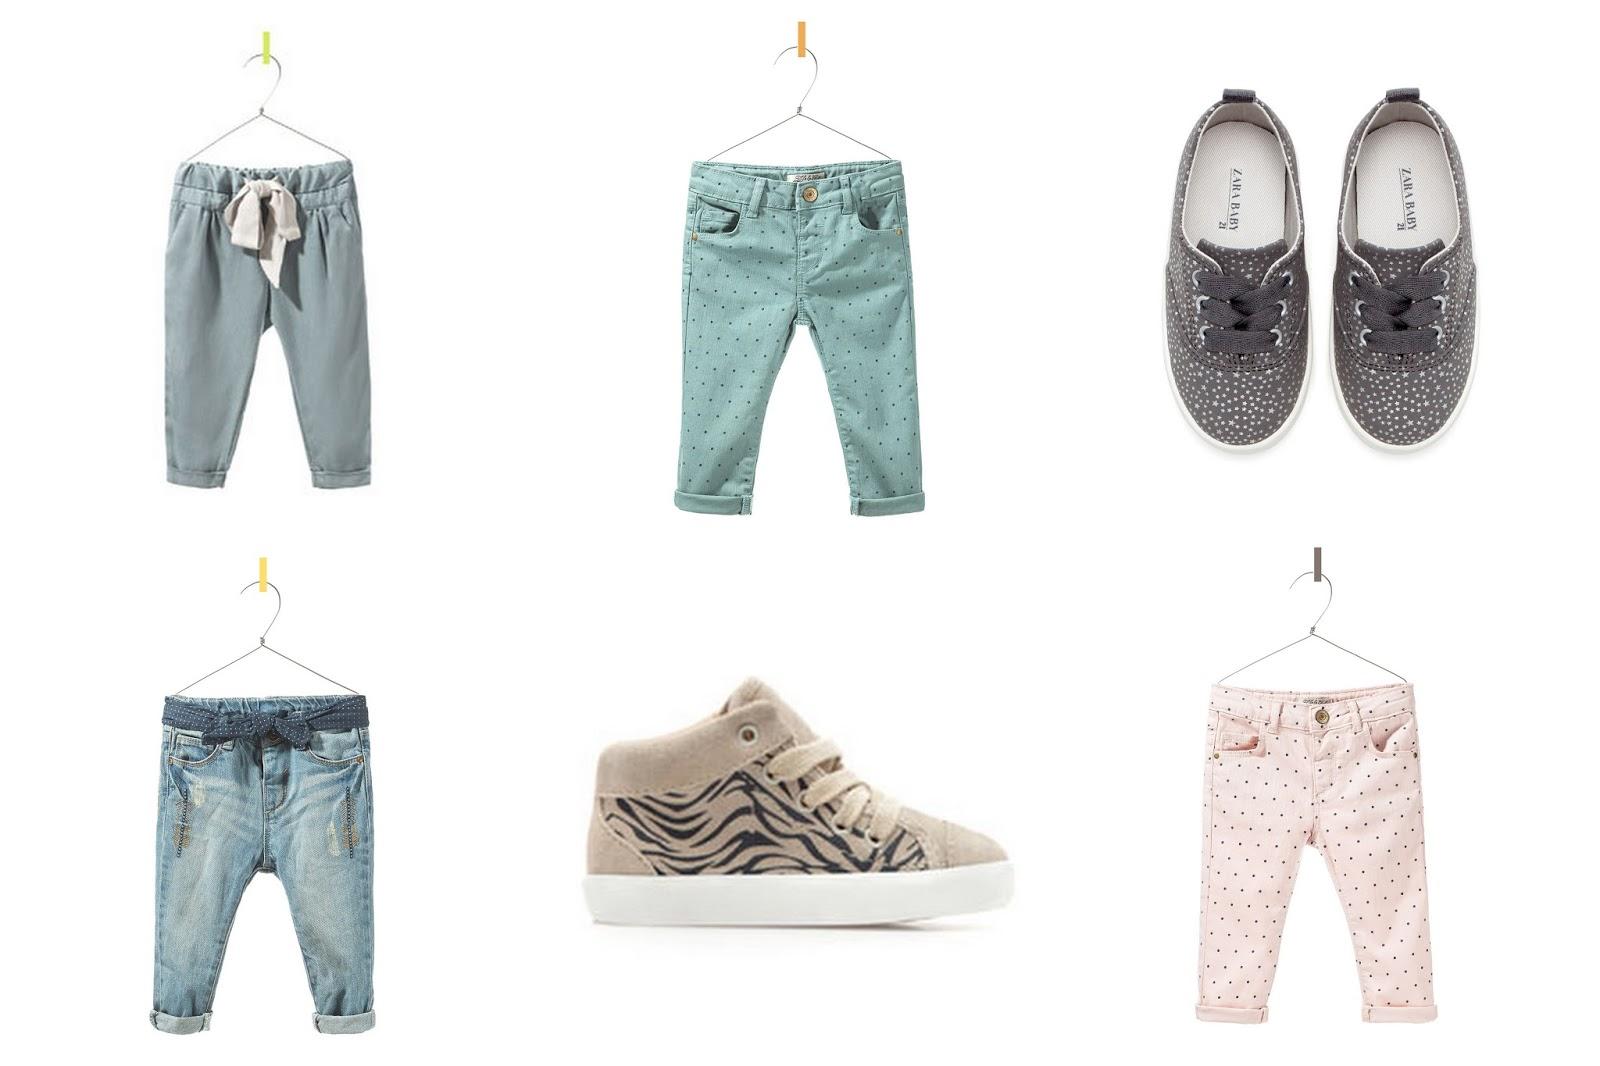 efterårsnyheder tøj